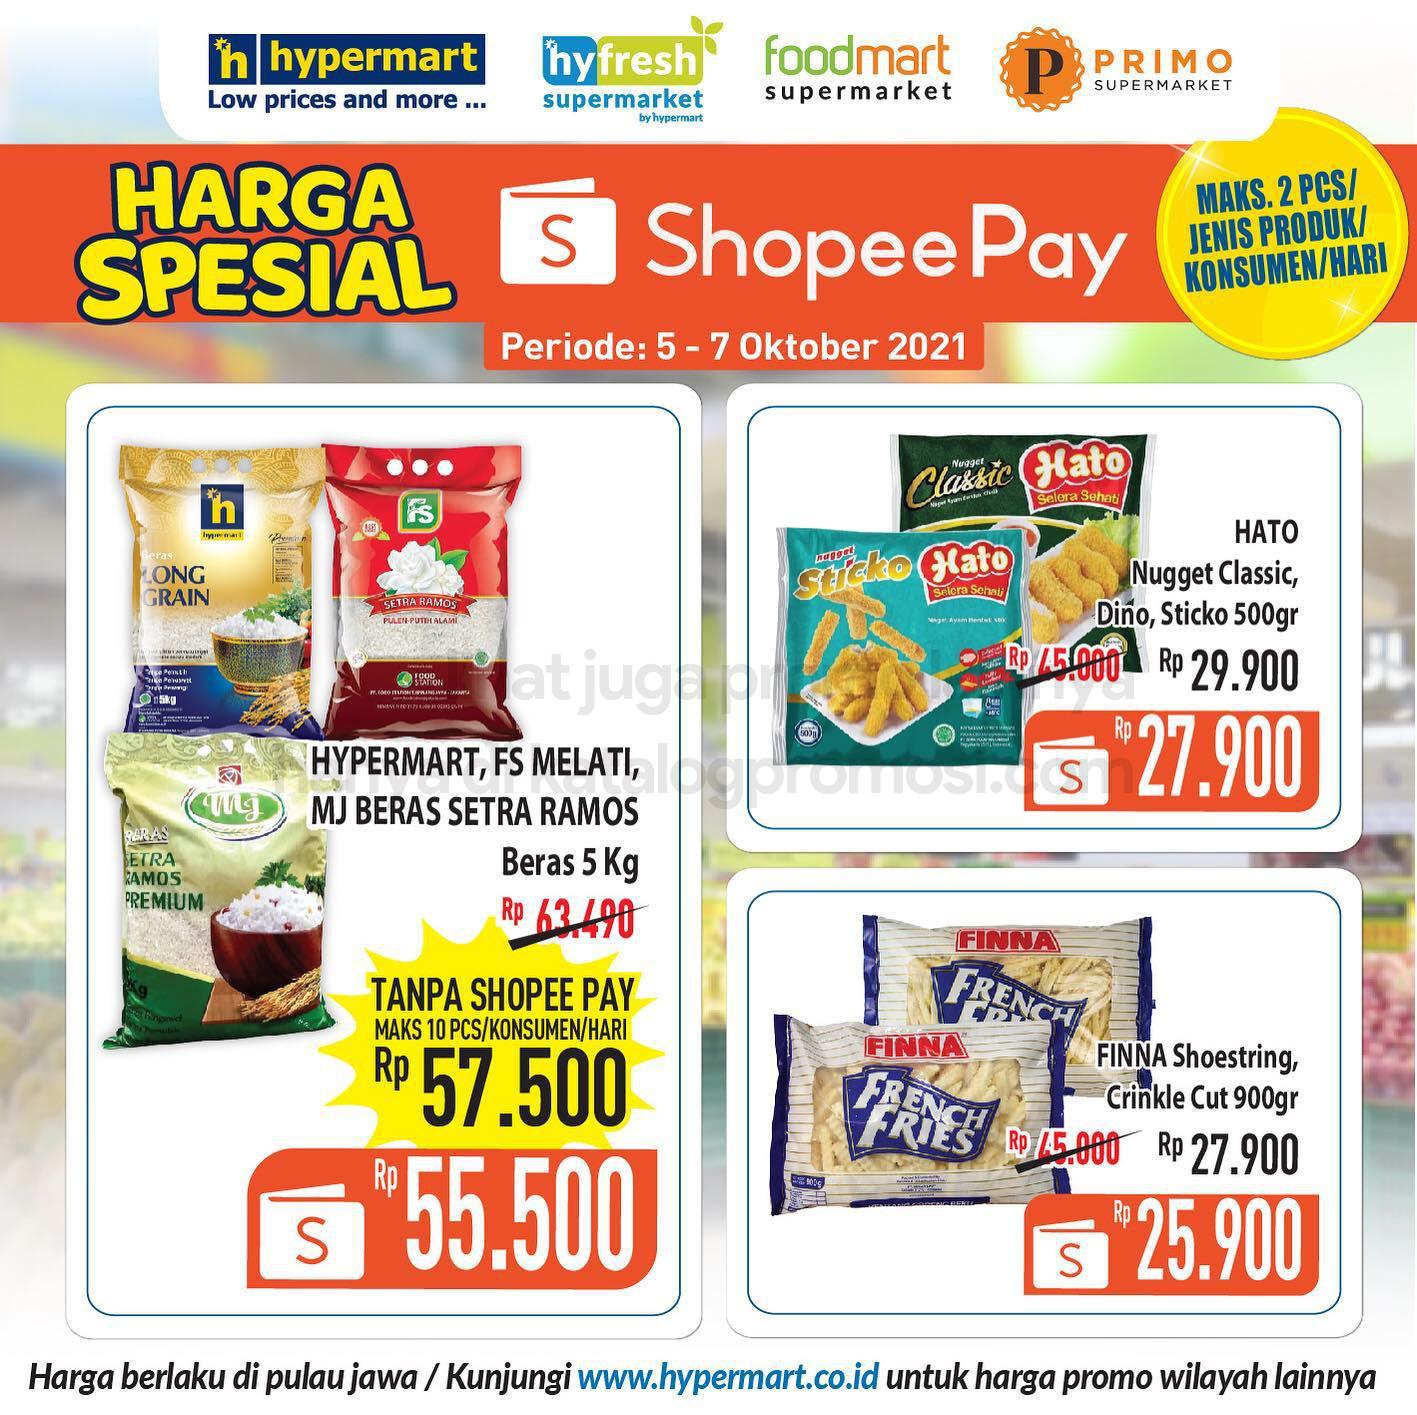 HYPERMART Promo HARGA SPESIAL khusus transaksi dengan ShopeePay